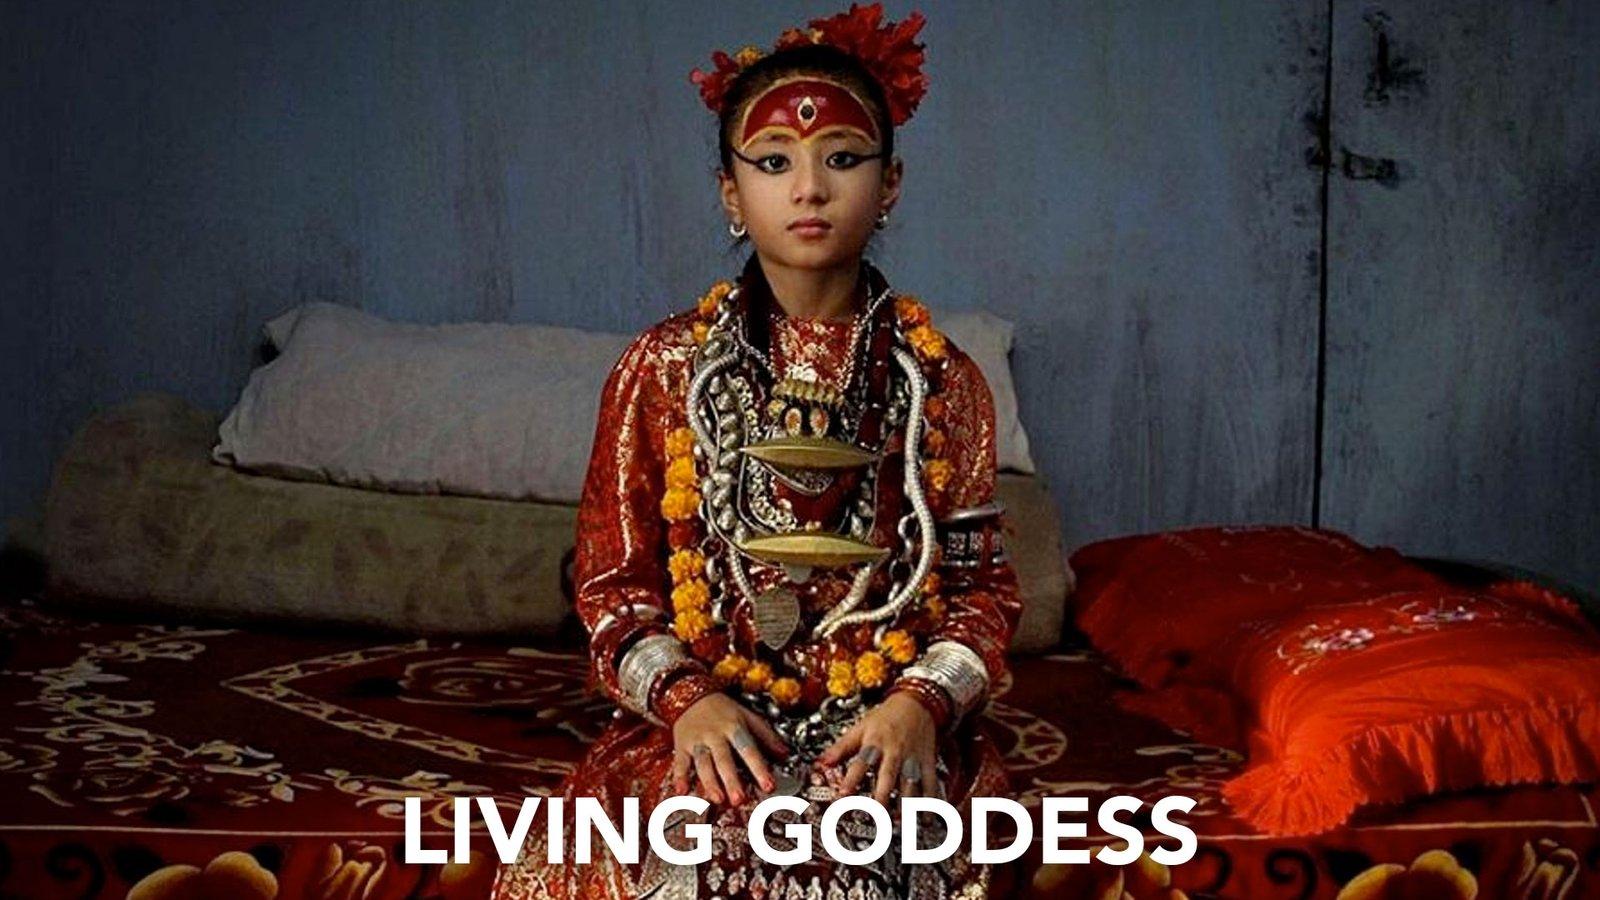 Living Goddess